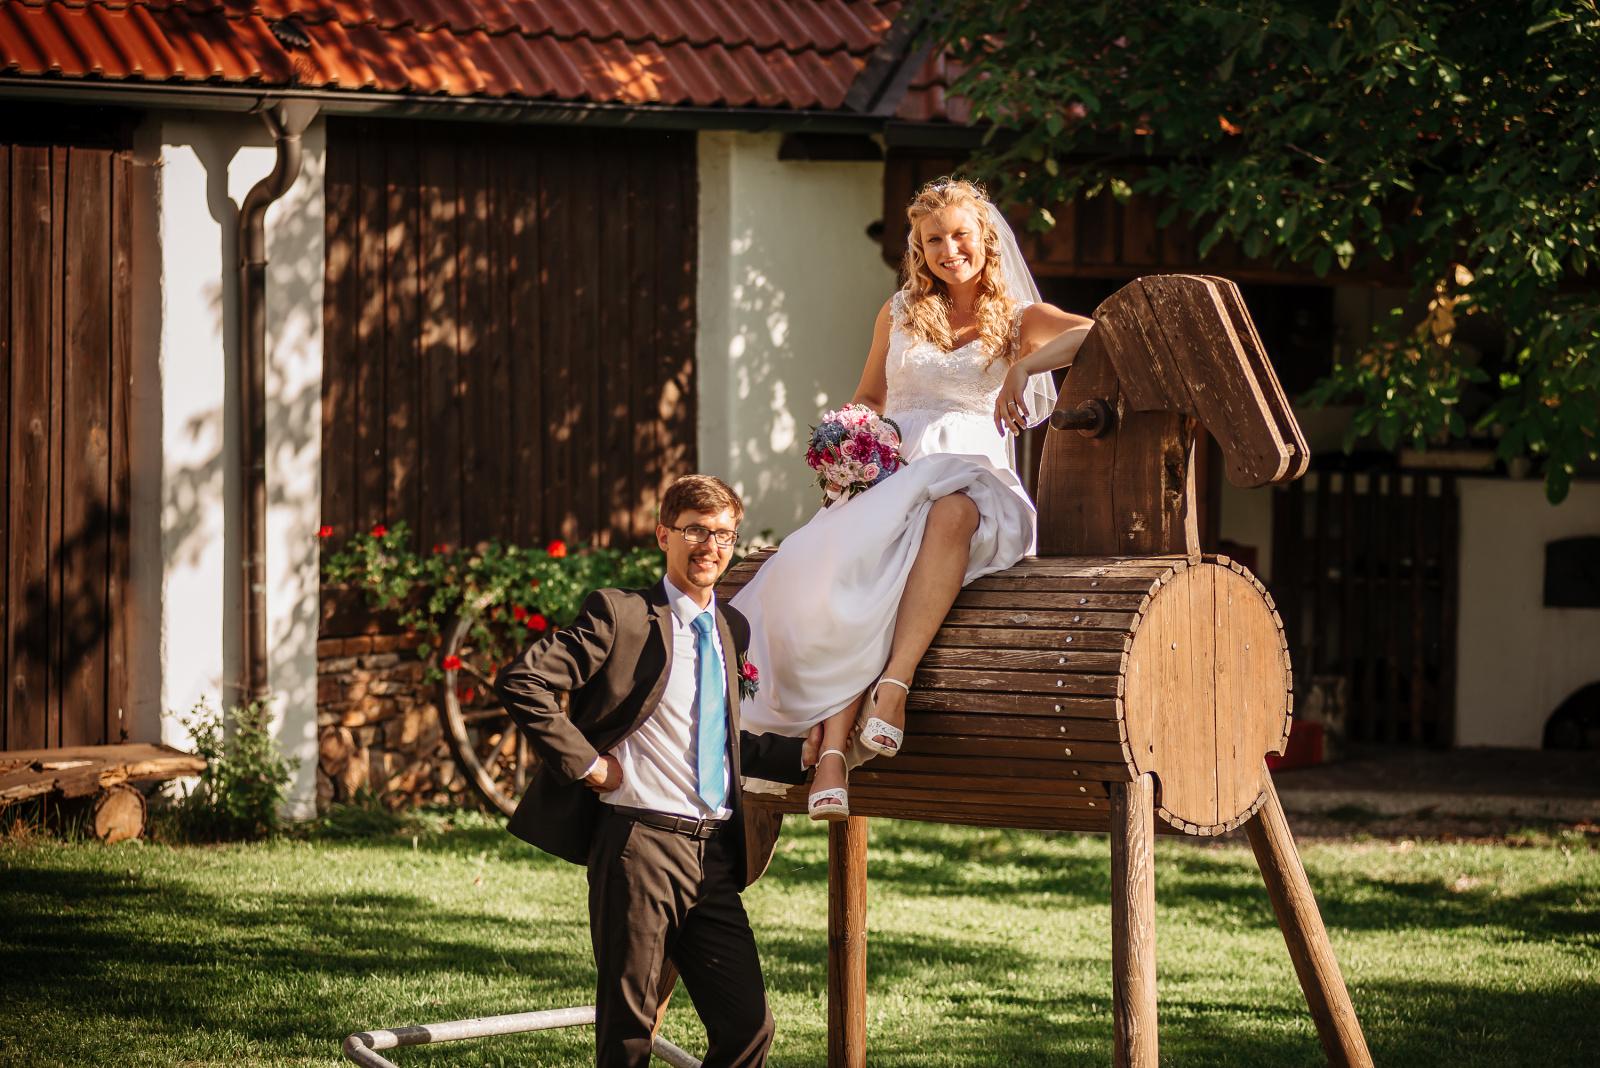 svatba na samotě u houpacího koně